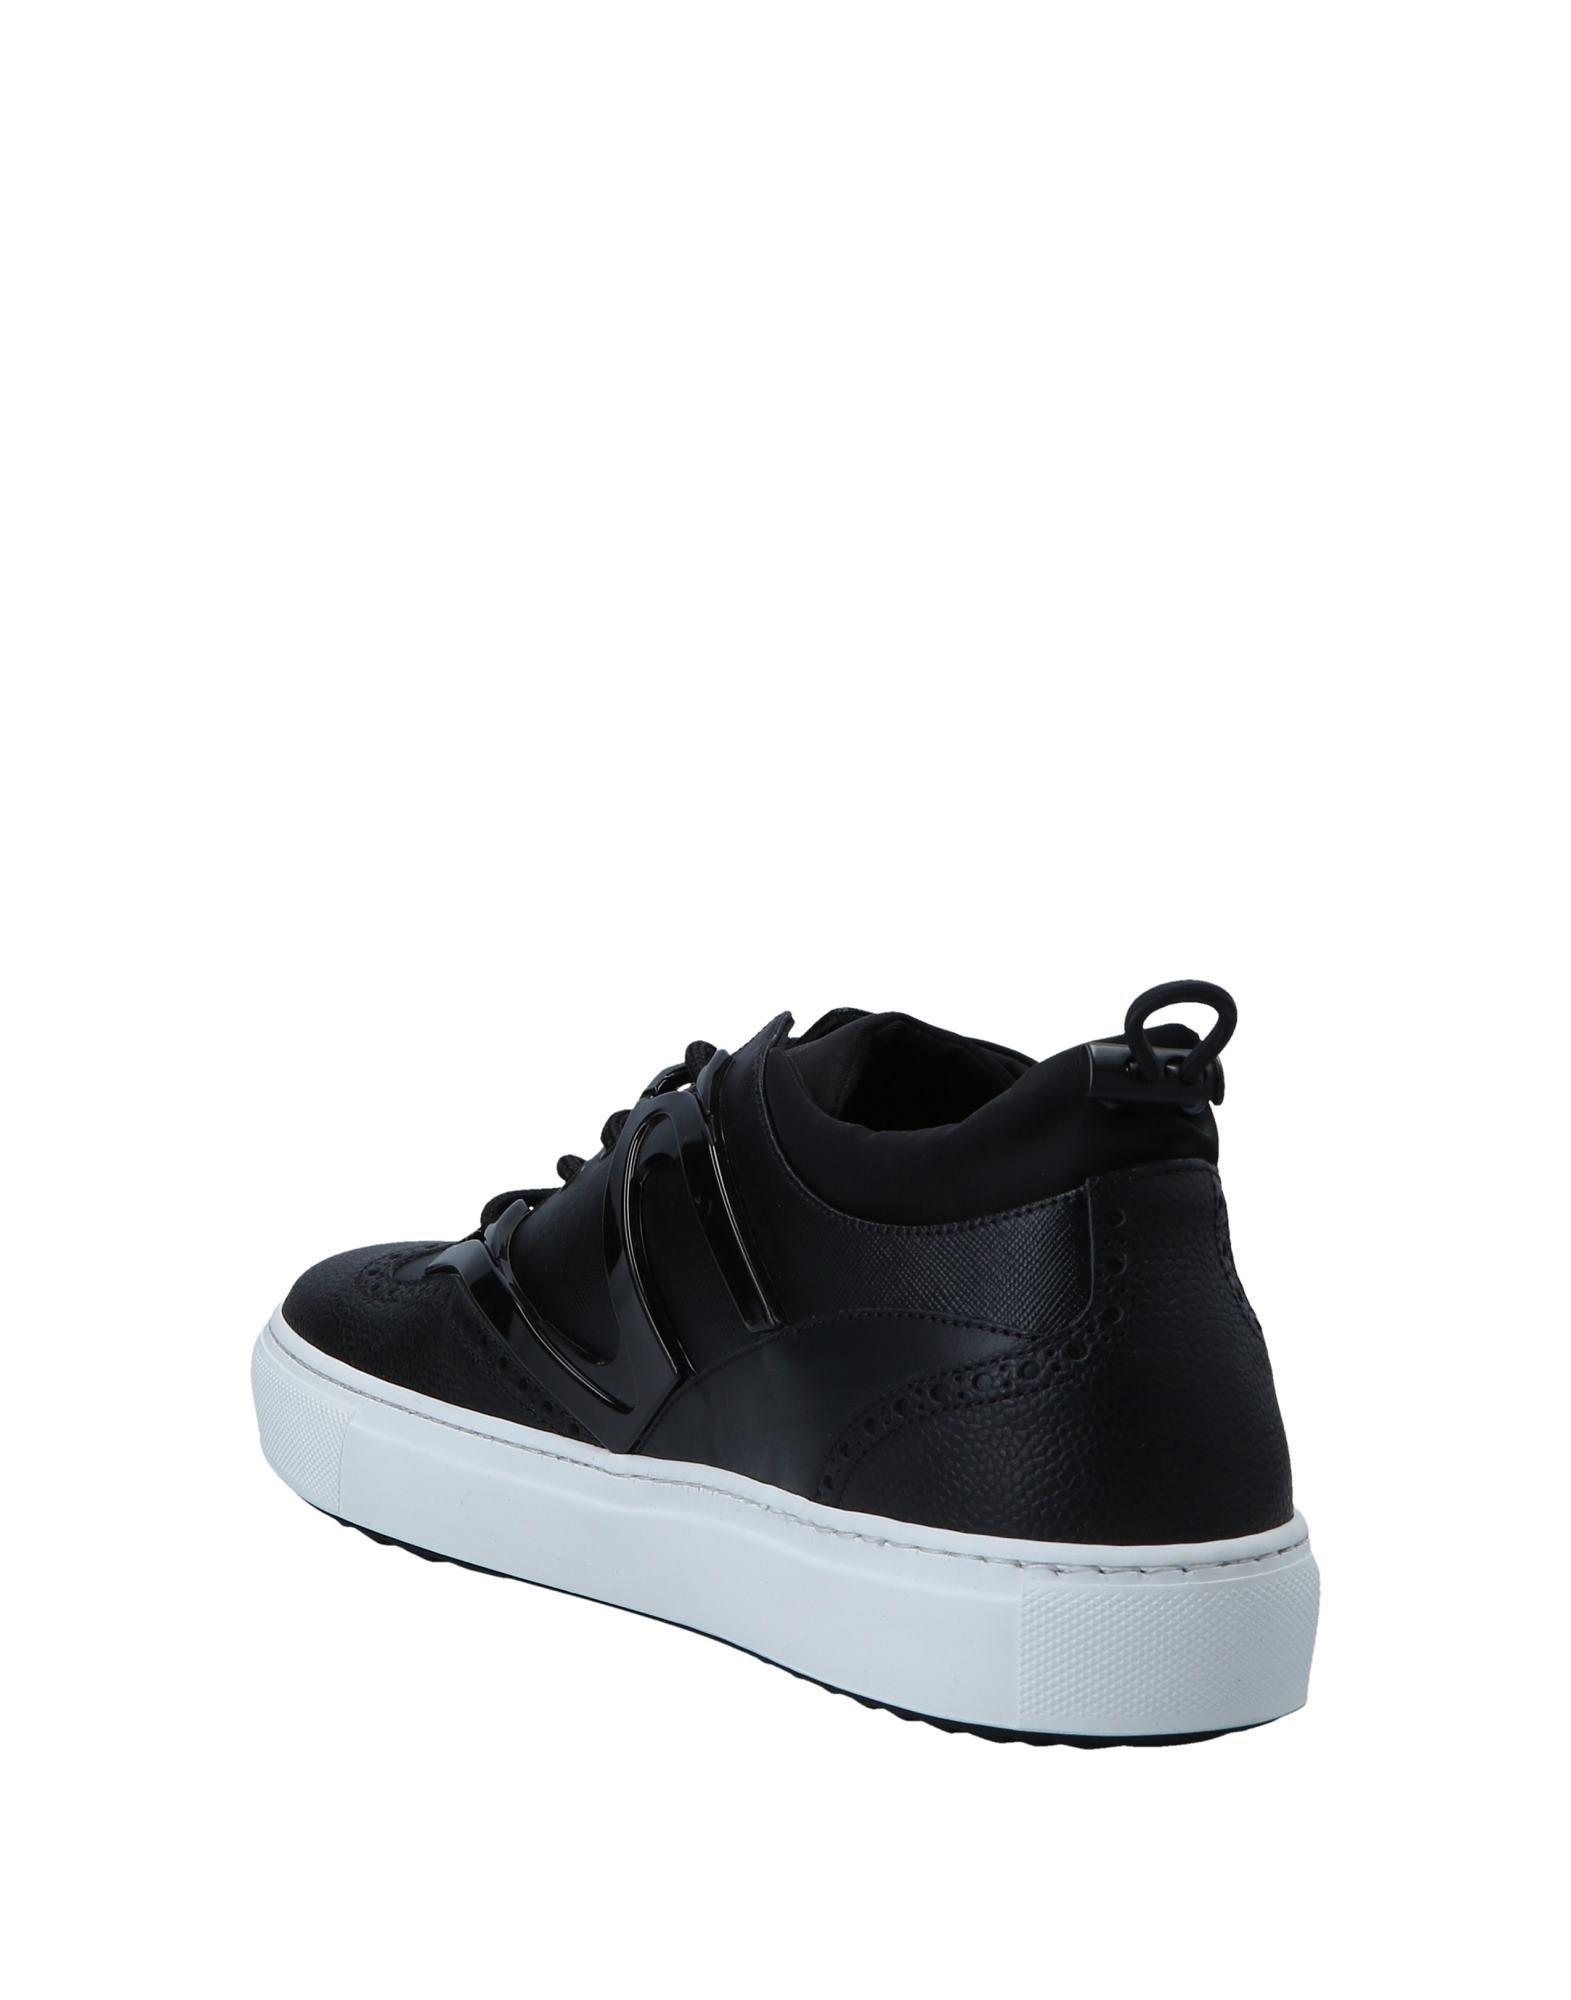 Dsquared2 Sneakers Herren  Schuhe 11554311IJ Gute Qualität beliebte Schuhe  c87700